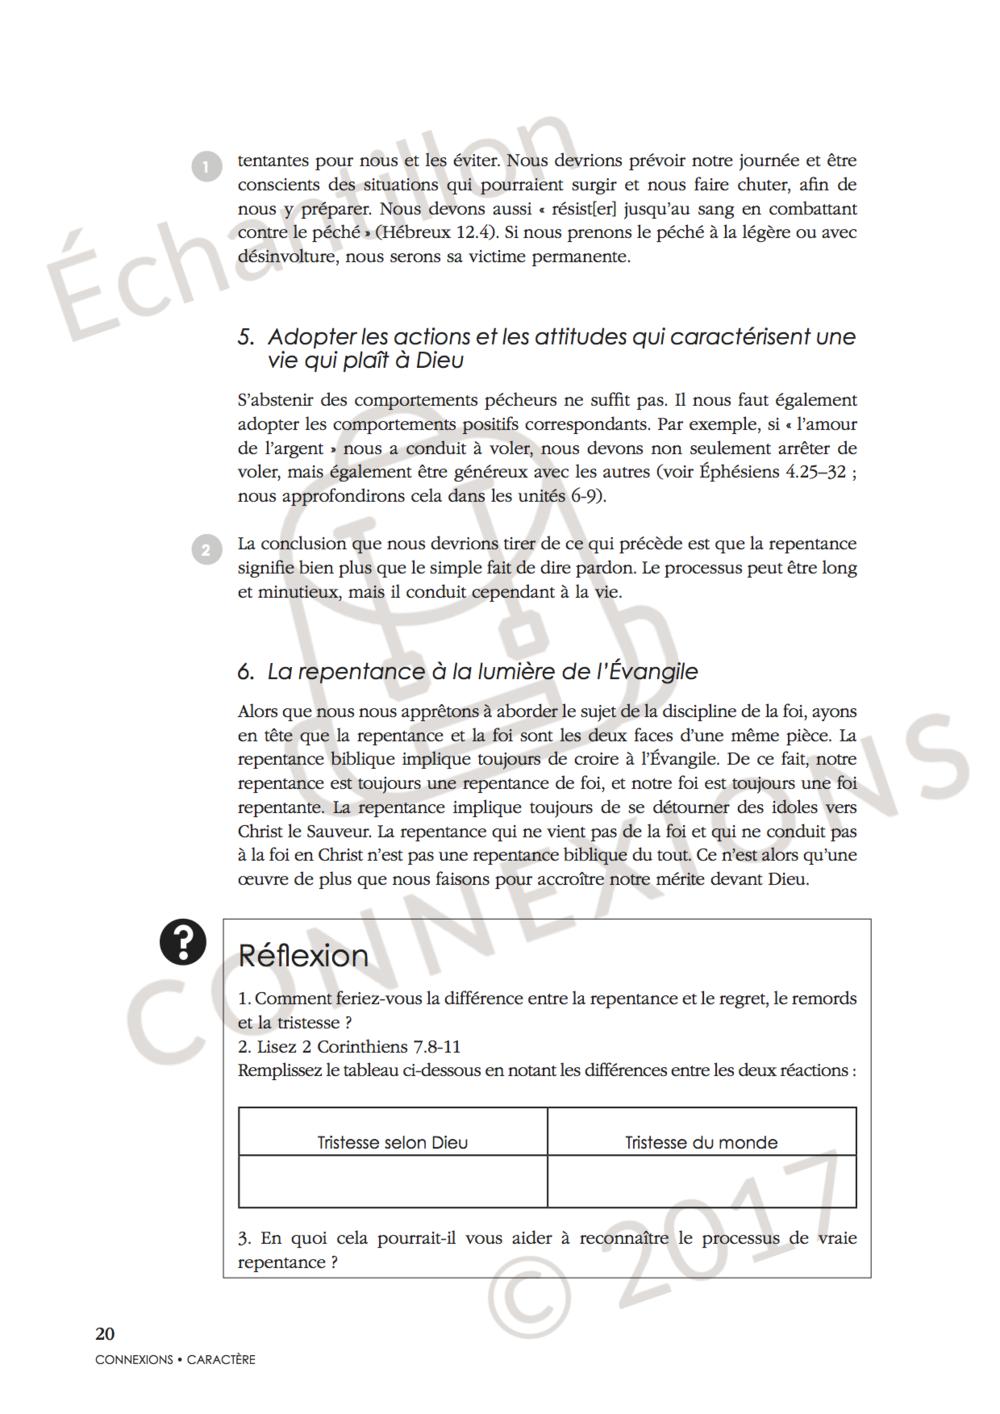 L'Évangile au cœur de la transformation_sample_published.9.png